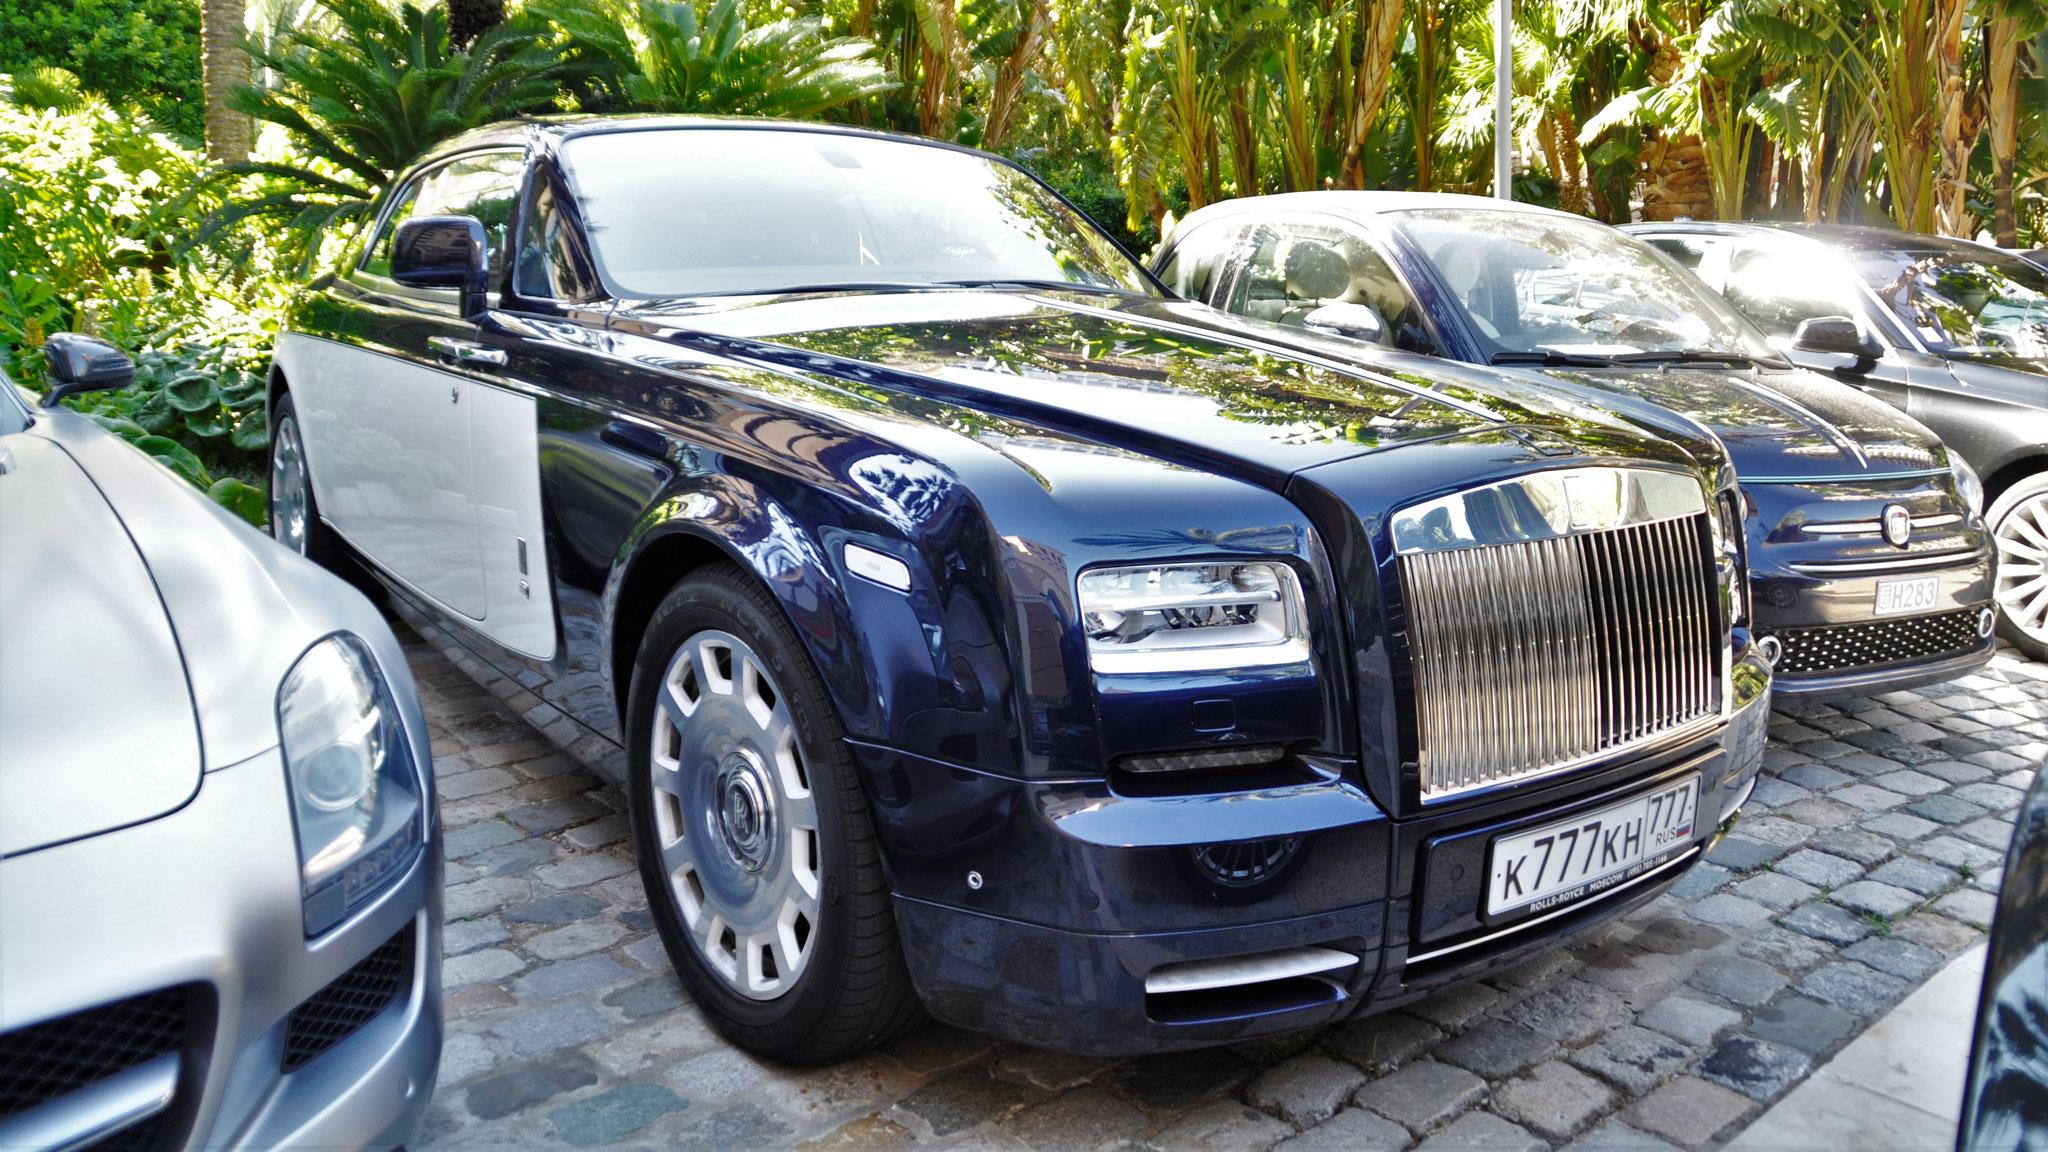 Rolls Royce Drophead Coupé - K-777-KH-777 (RUS)